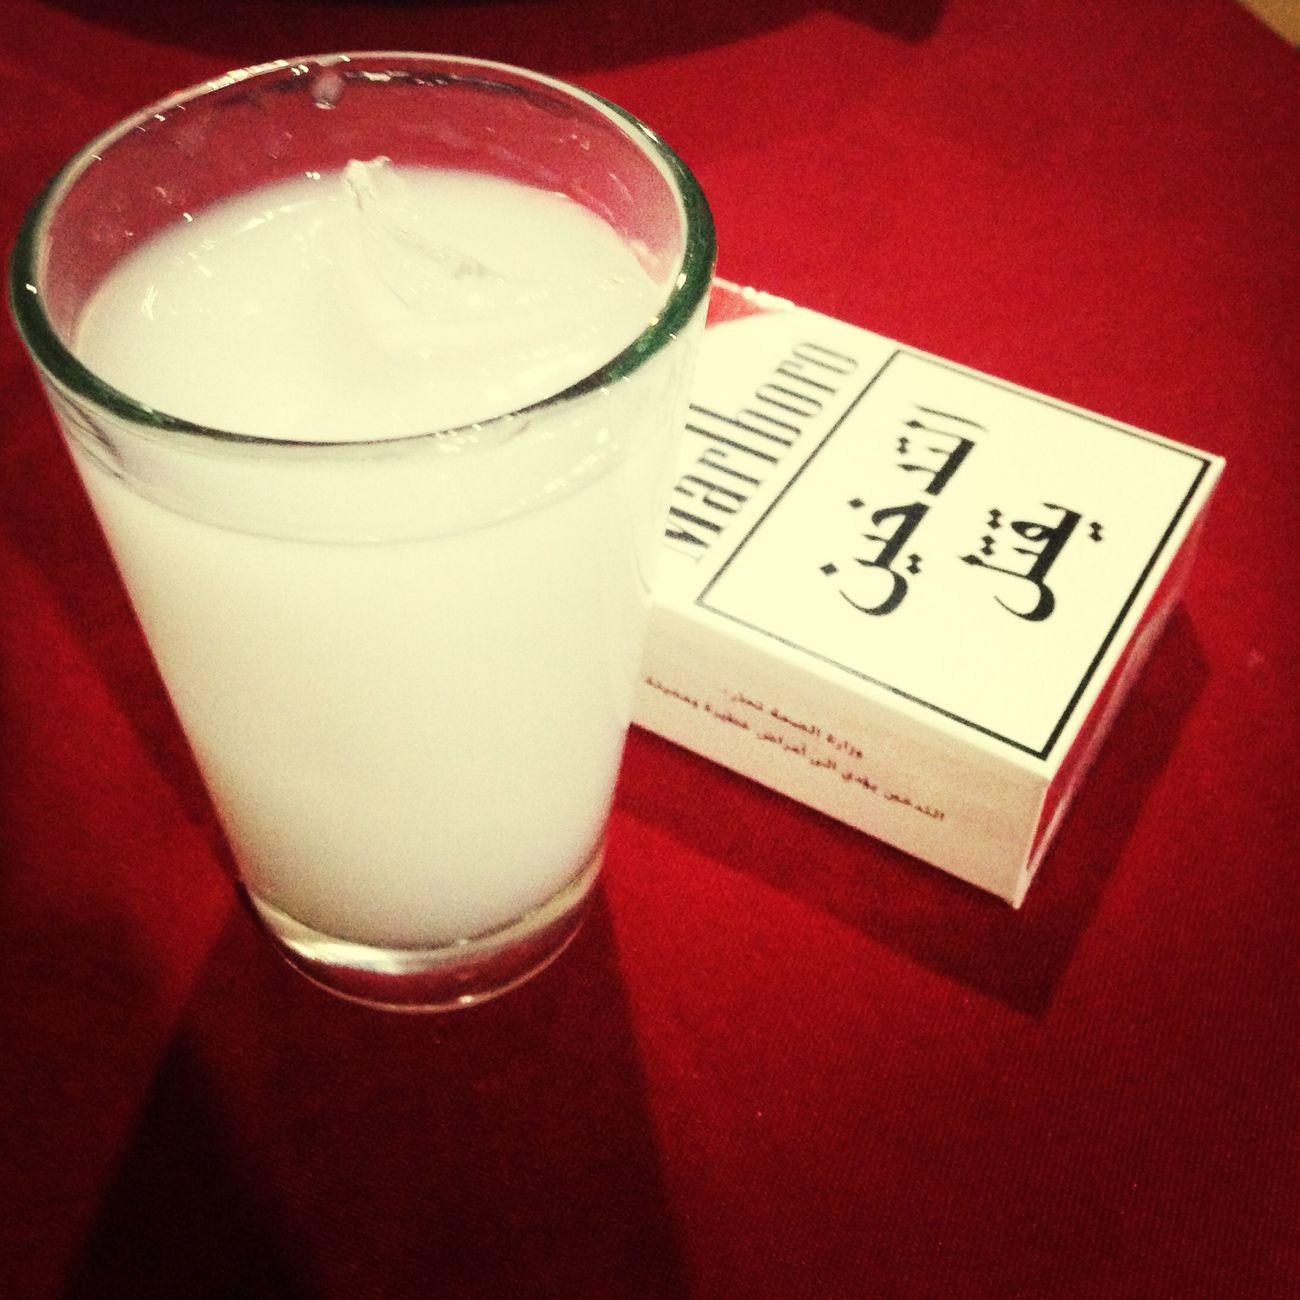 Drinking Arak